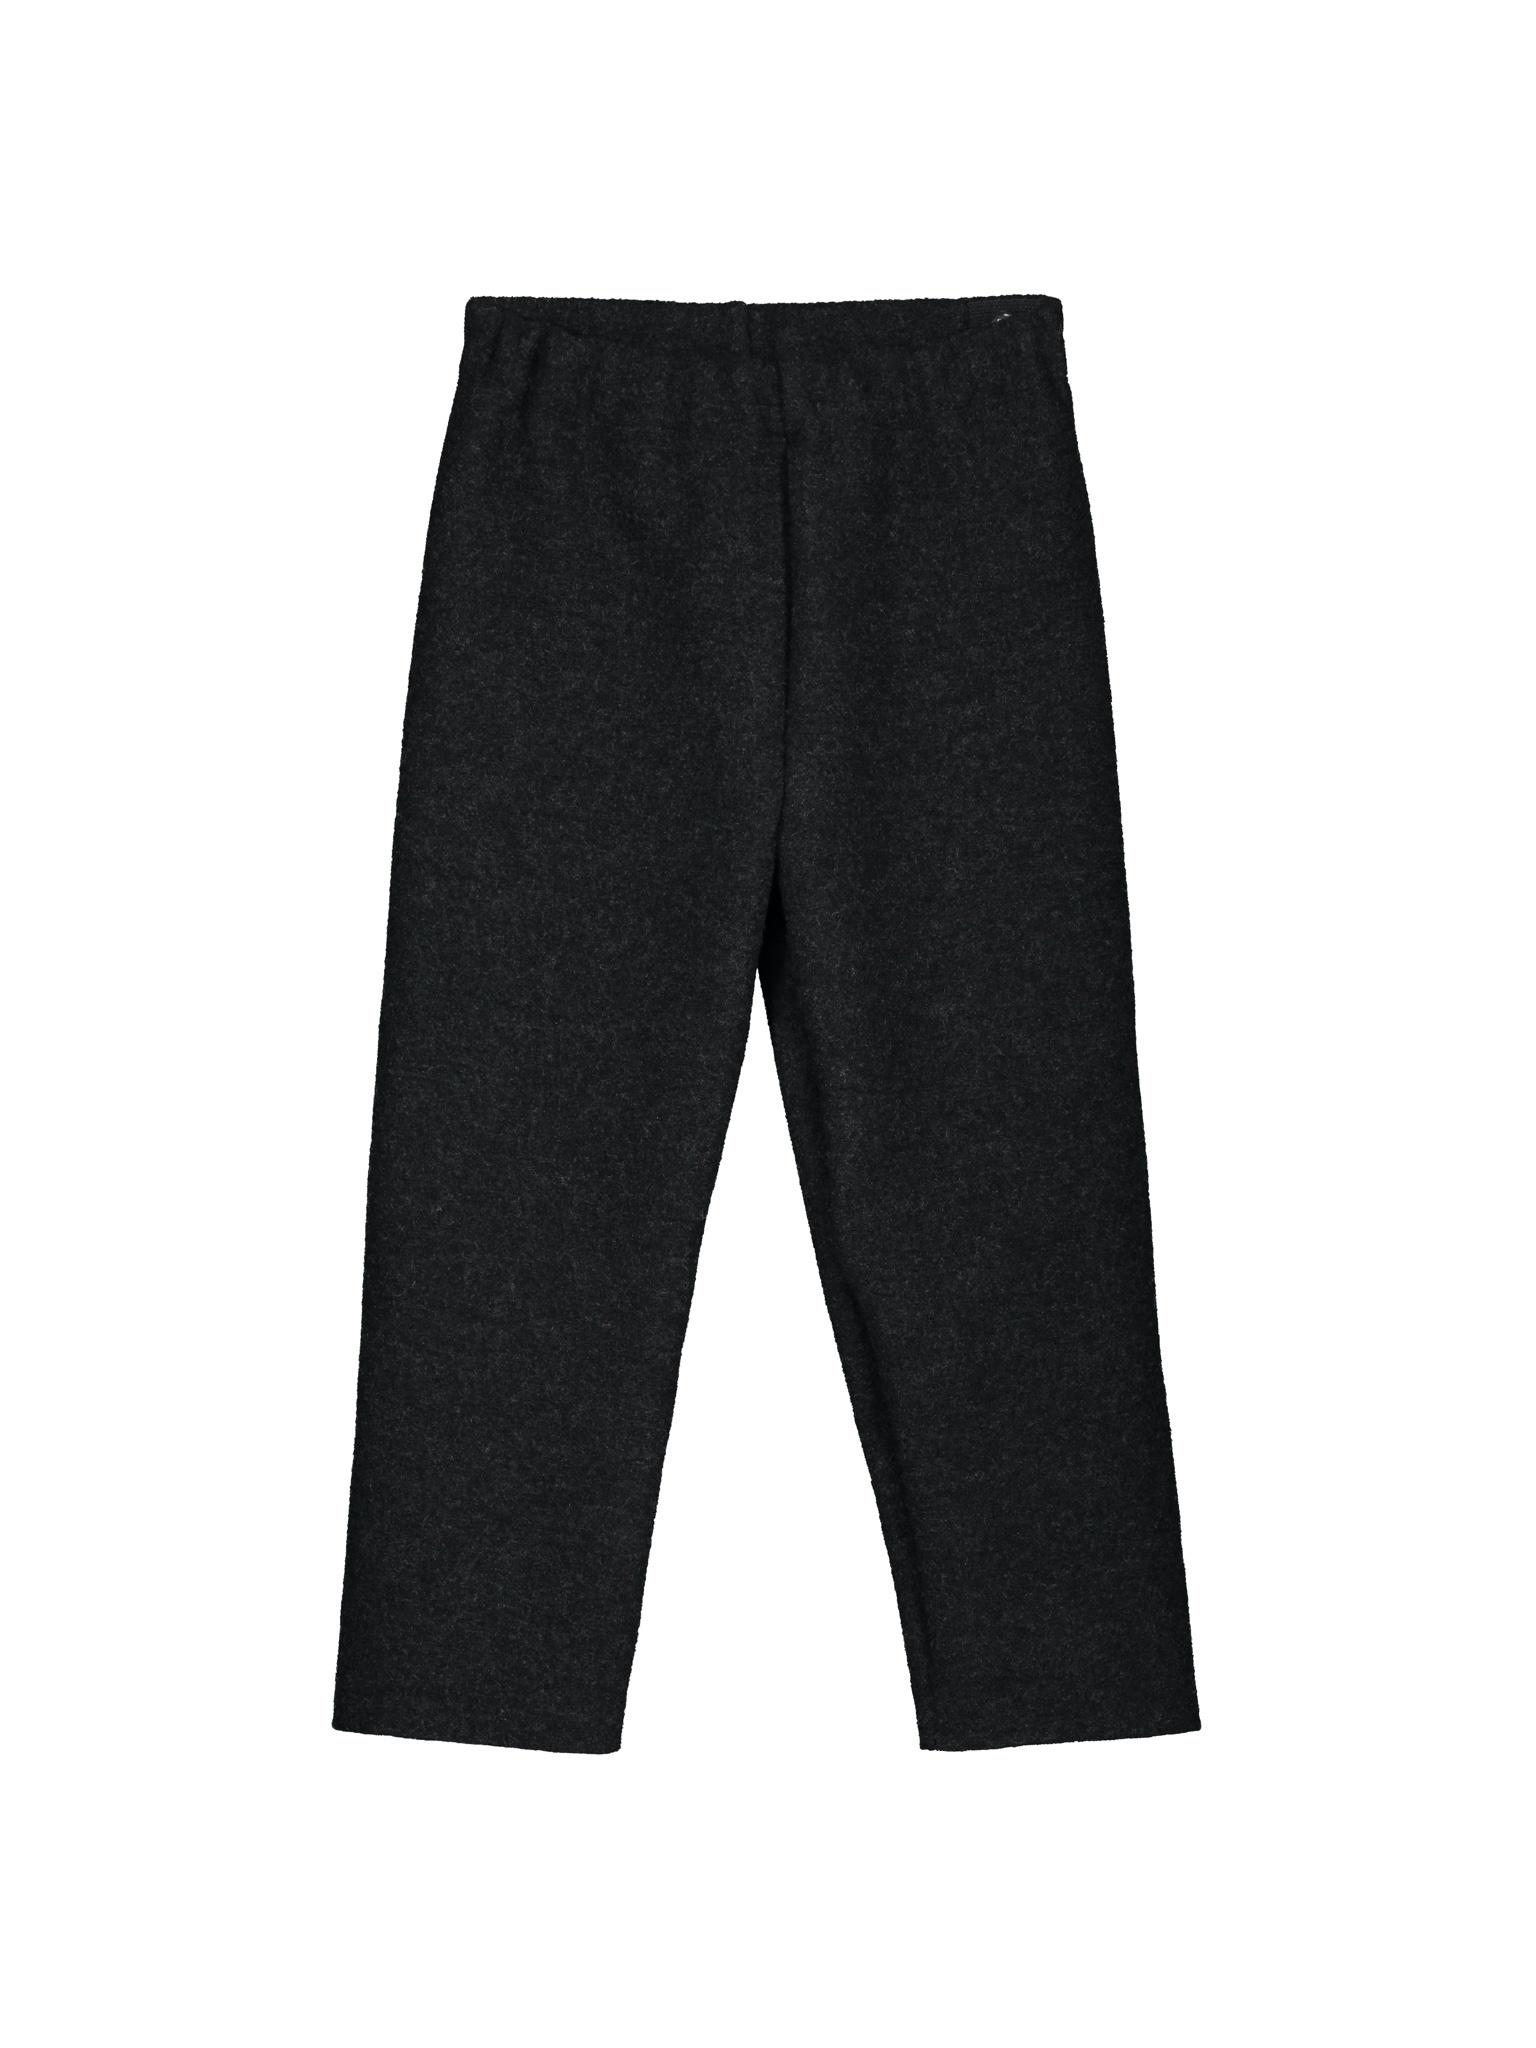 Kinder Merinowolle Pants